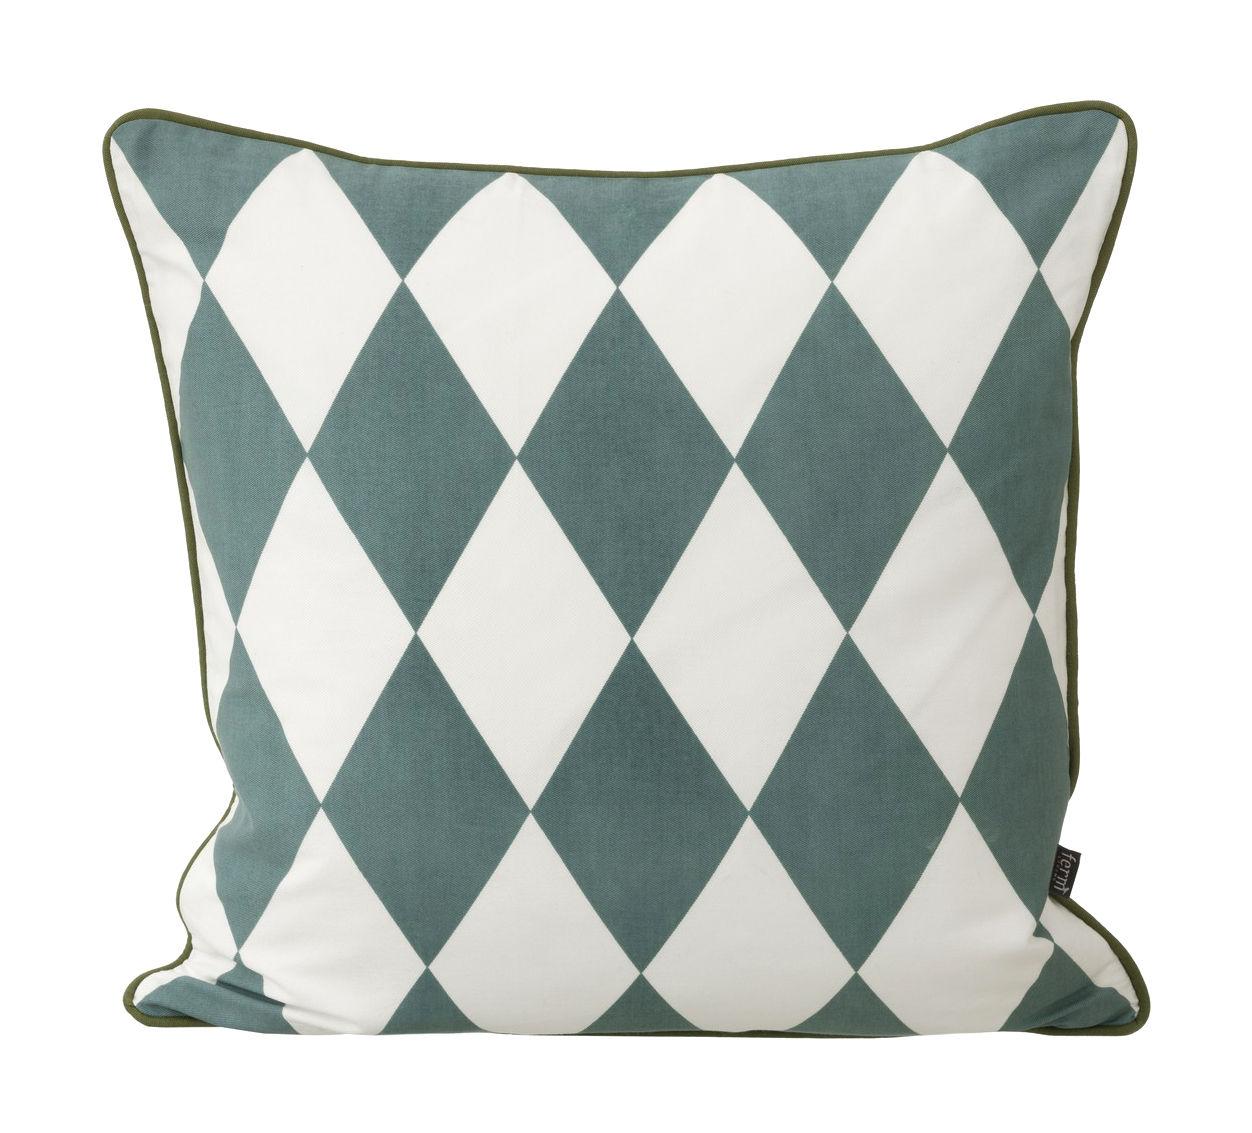 coussin large geometry coton 50 x 50 cm bleu p trole. Black Bedroom Furniture Sets. Home Design Ideas